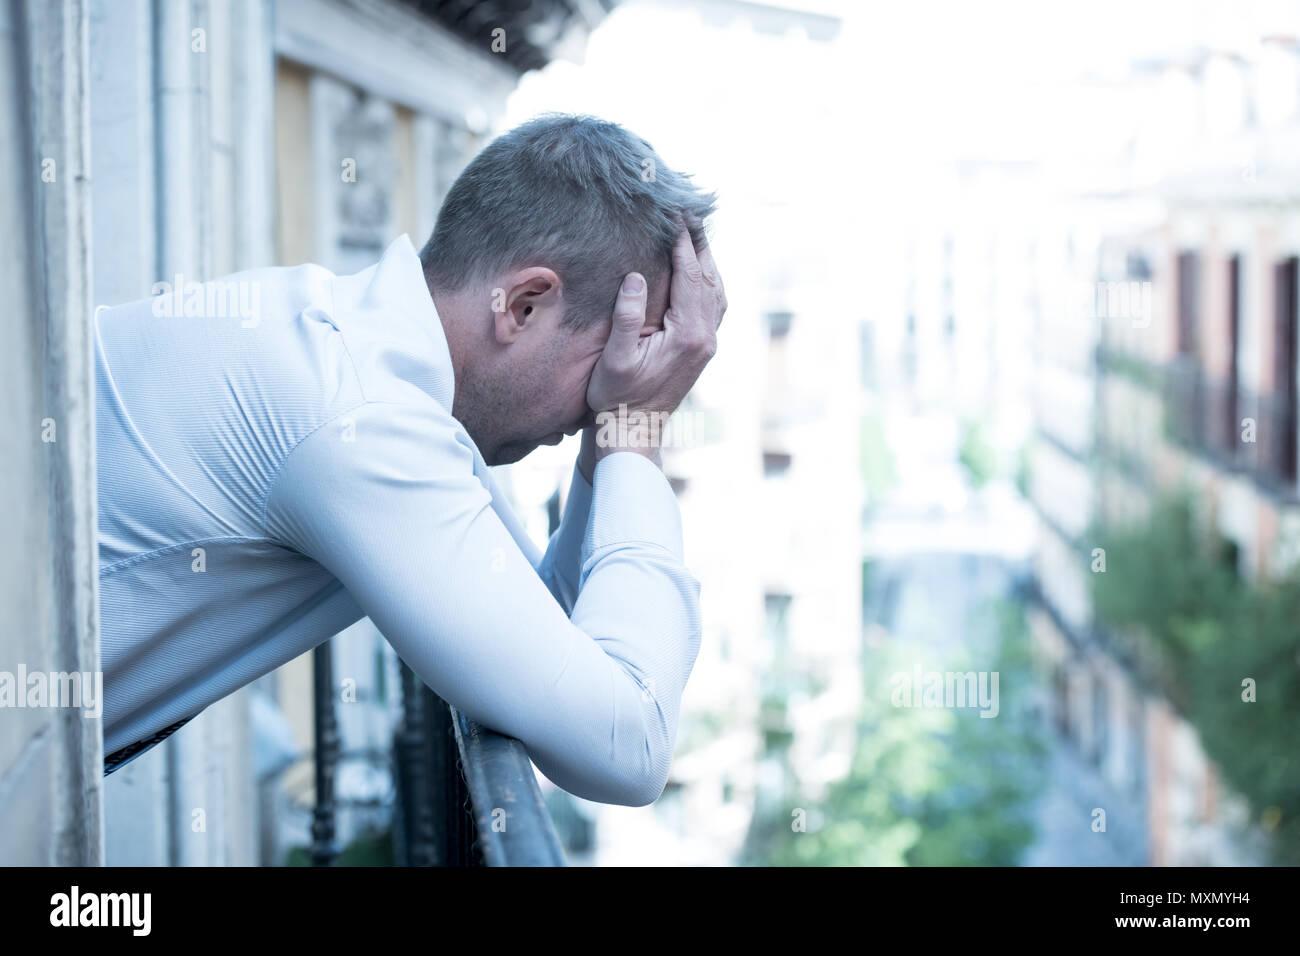 Close up ritratto della triste e depresso uomo guardando fuori dalla finestra su un balcone di casa soffre di depressione e di abbattimento lonely in salute mentale concep Immagini Stock